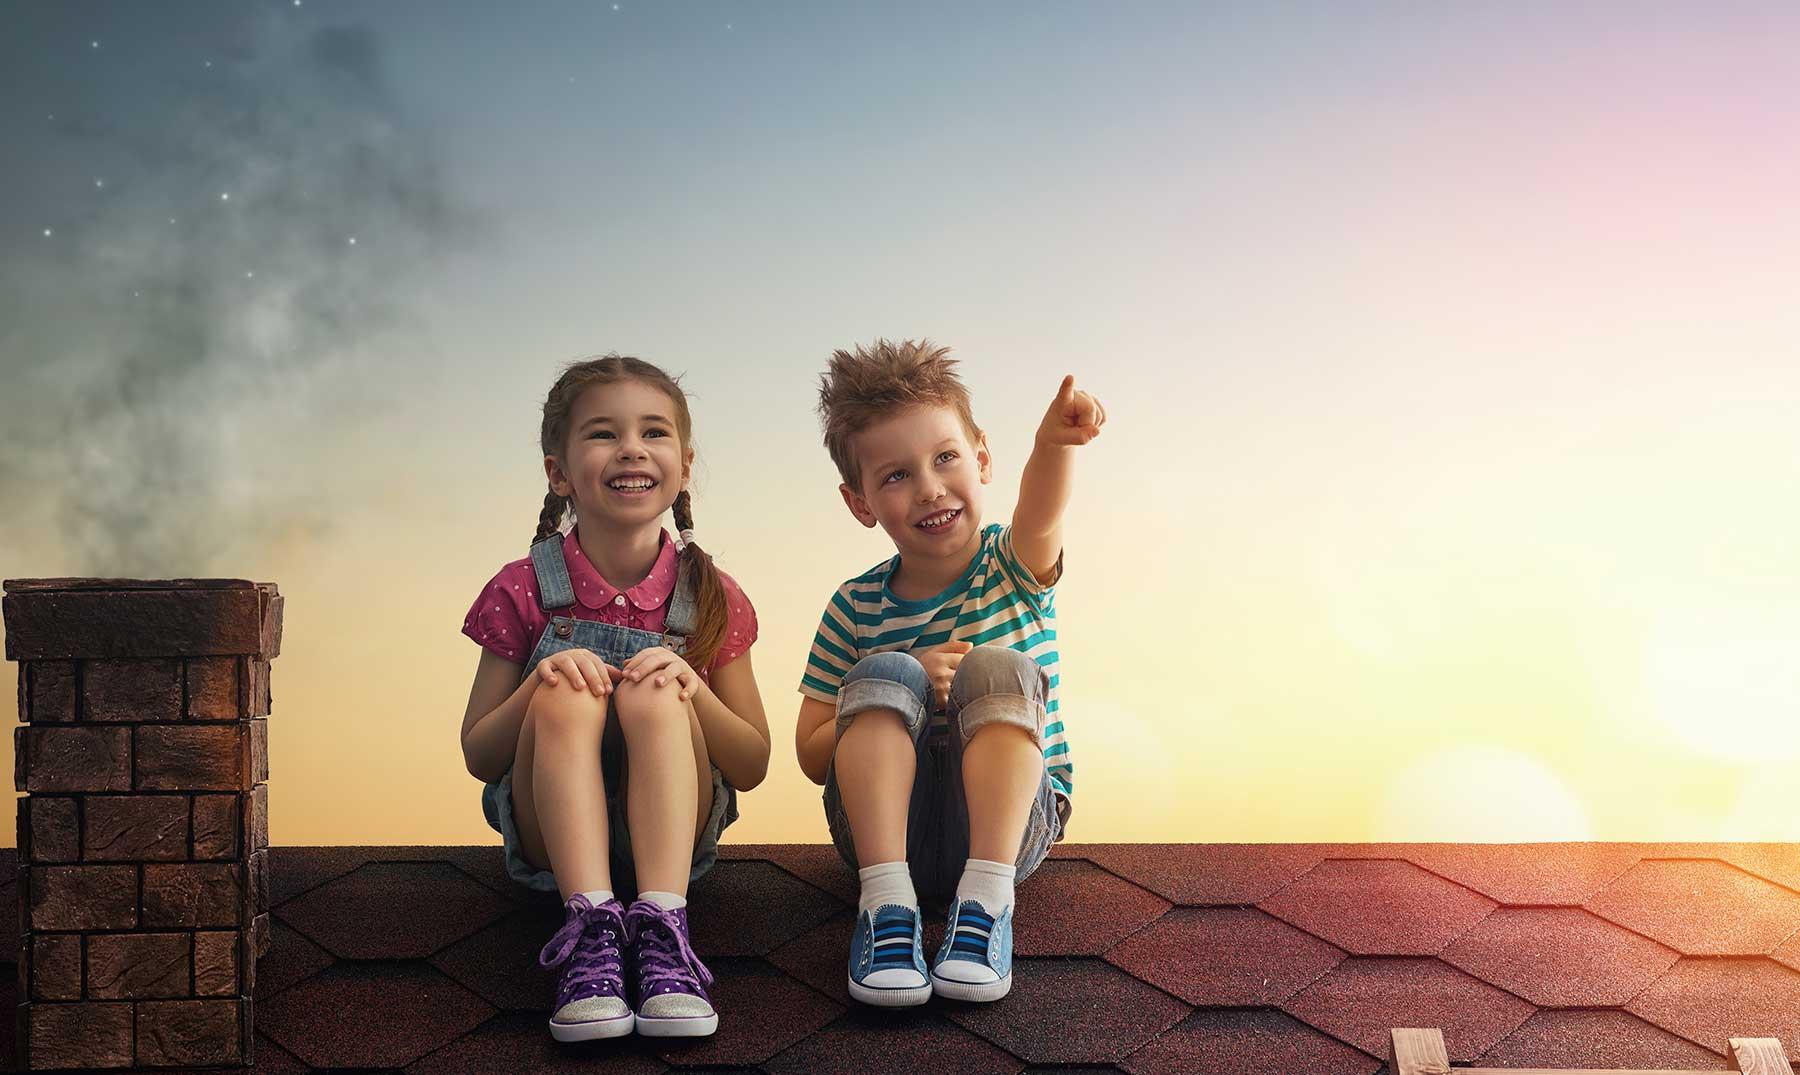 70 Frases Para Hermanos Solo Ellos Las Entenderan Con Imagenes